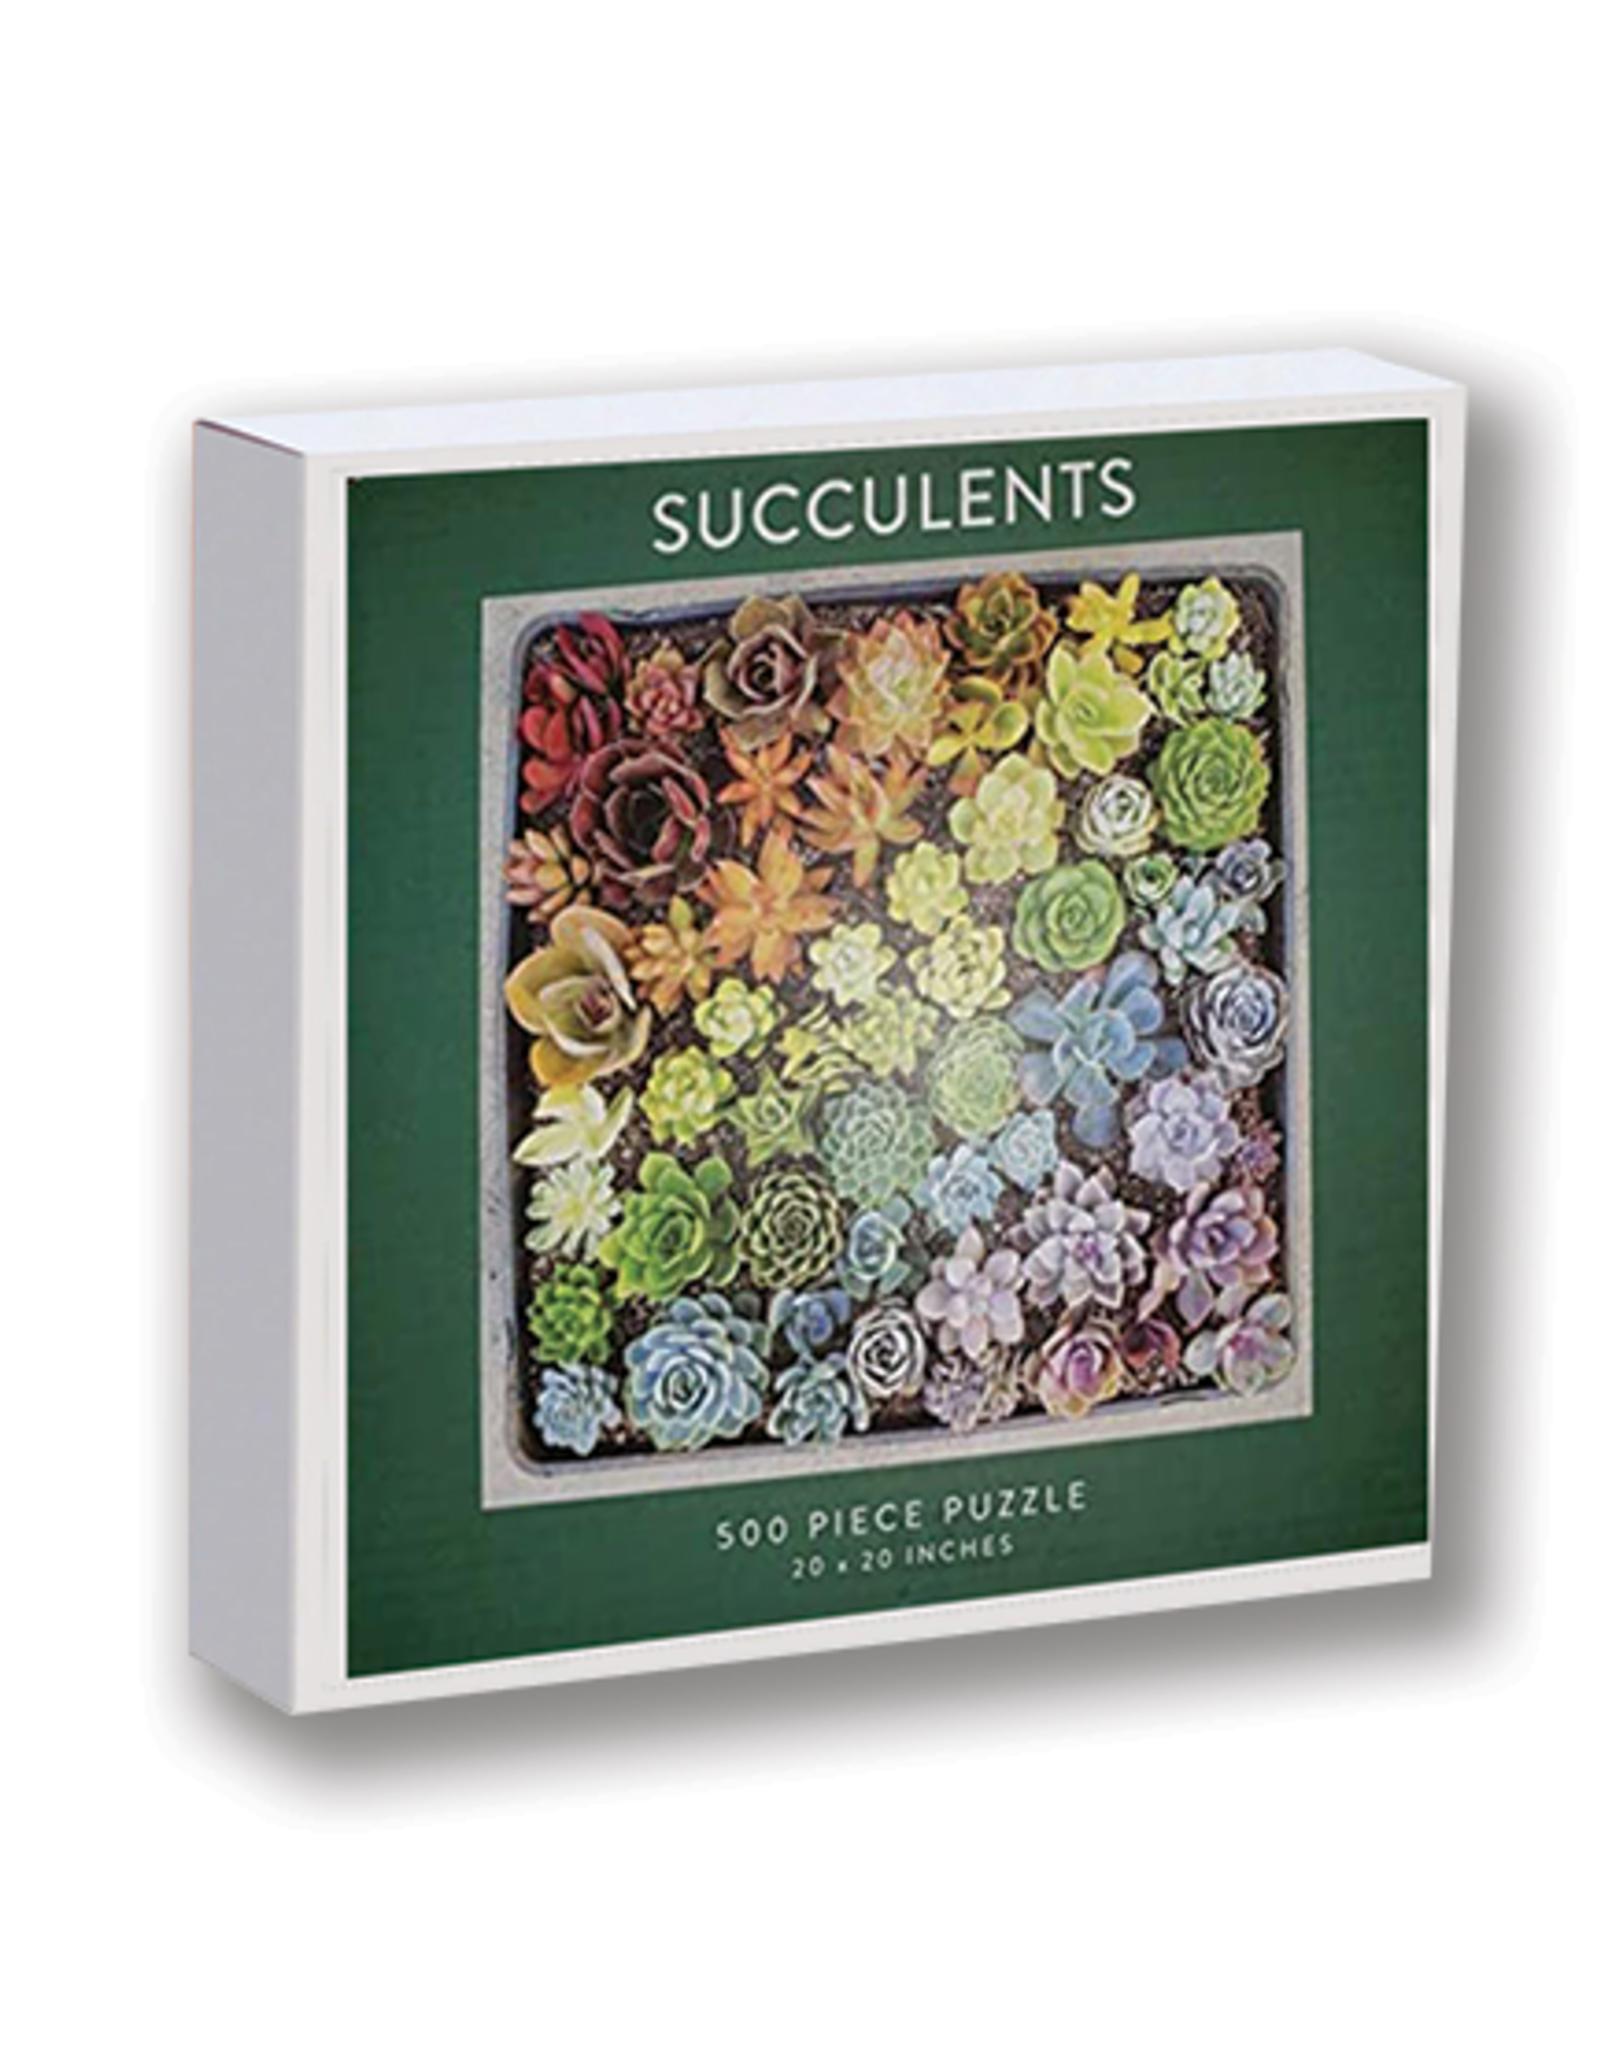 Succulents 500-Piece Puzzle